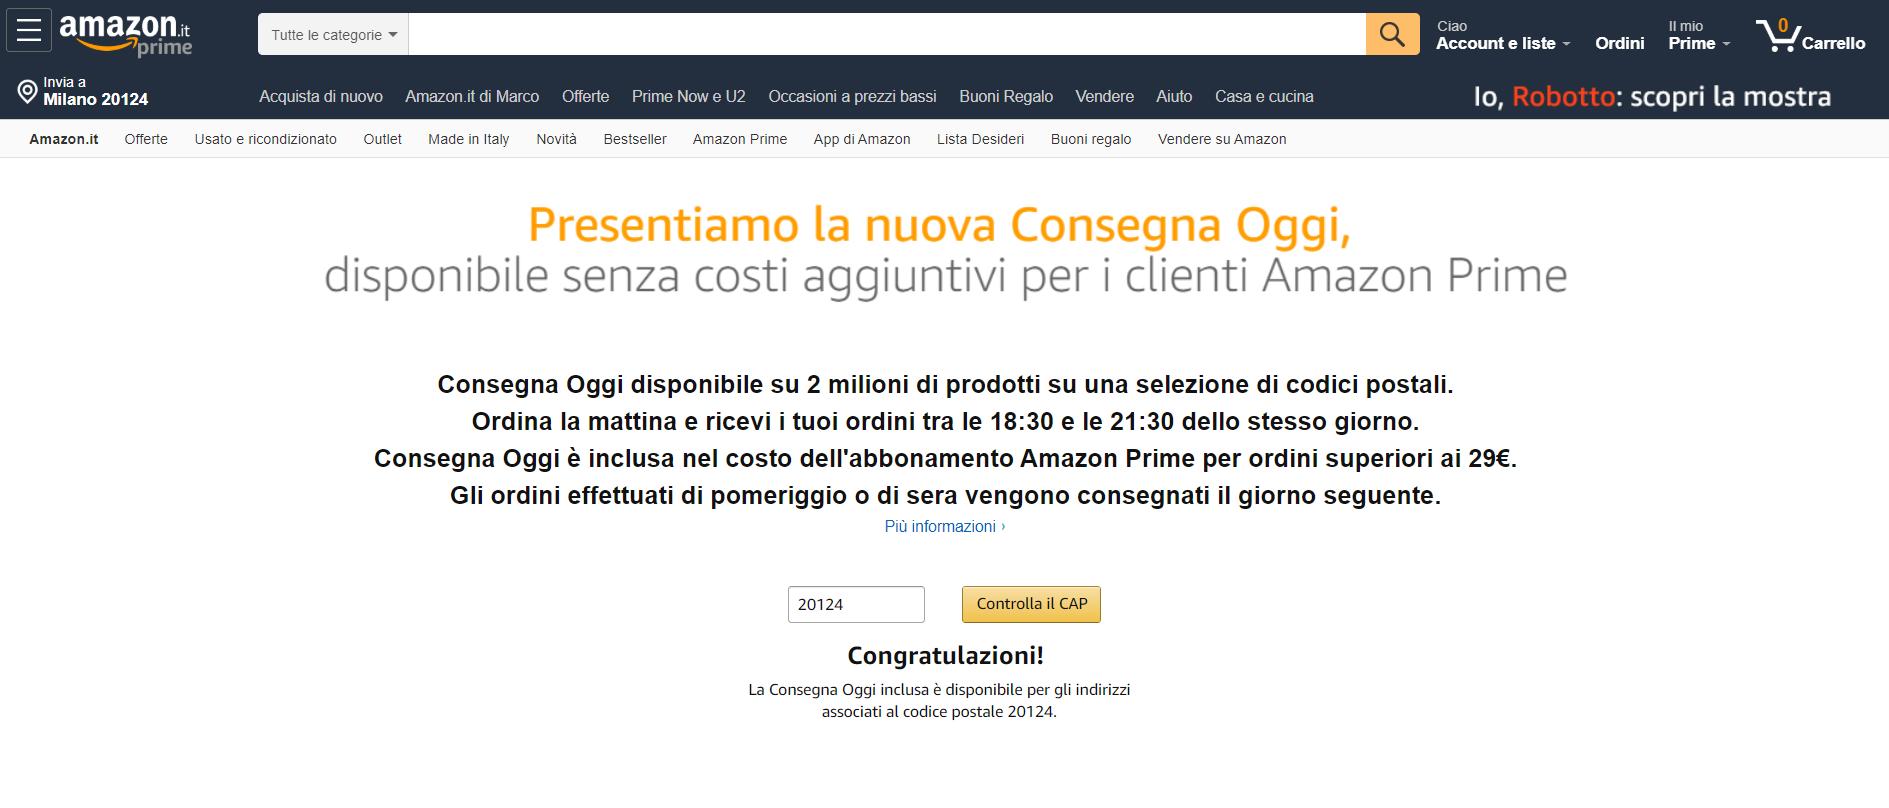 Amazon Consegna Oggi a Torino, migliaia di articoli a casa entro giornata